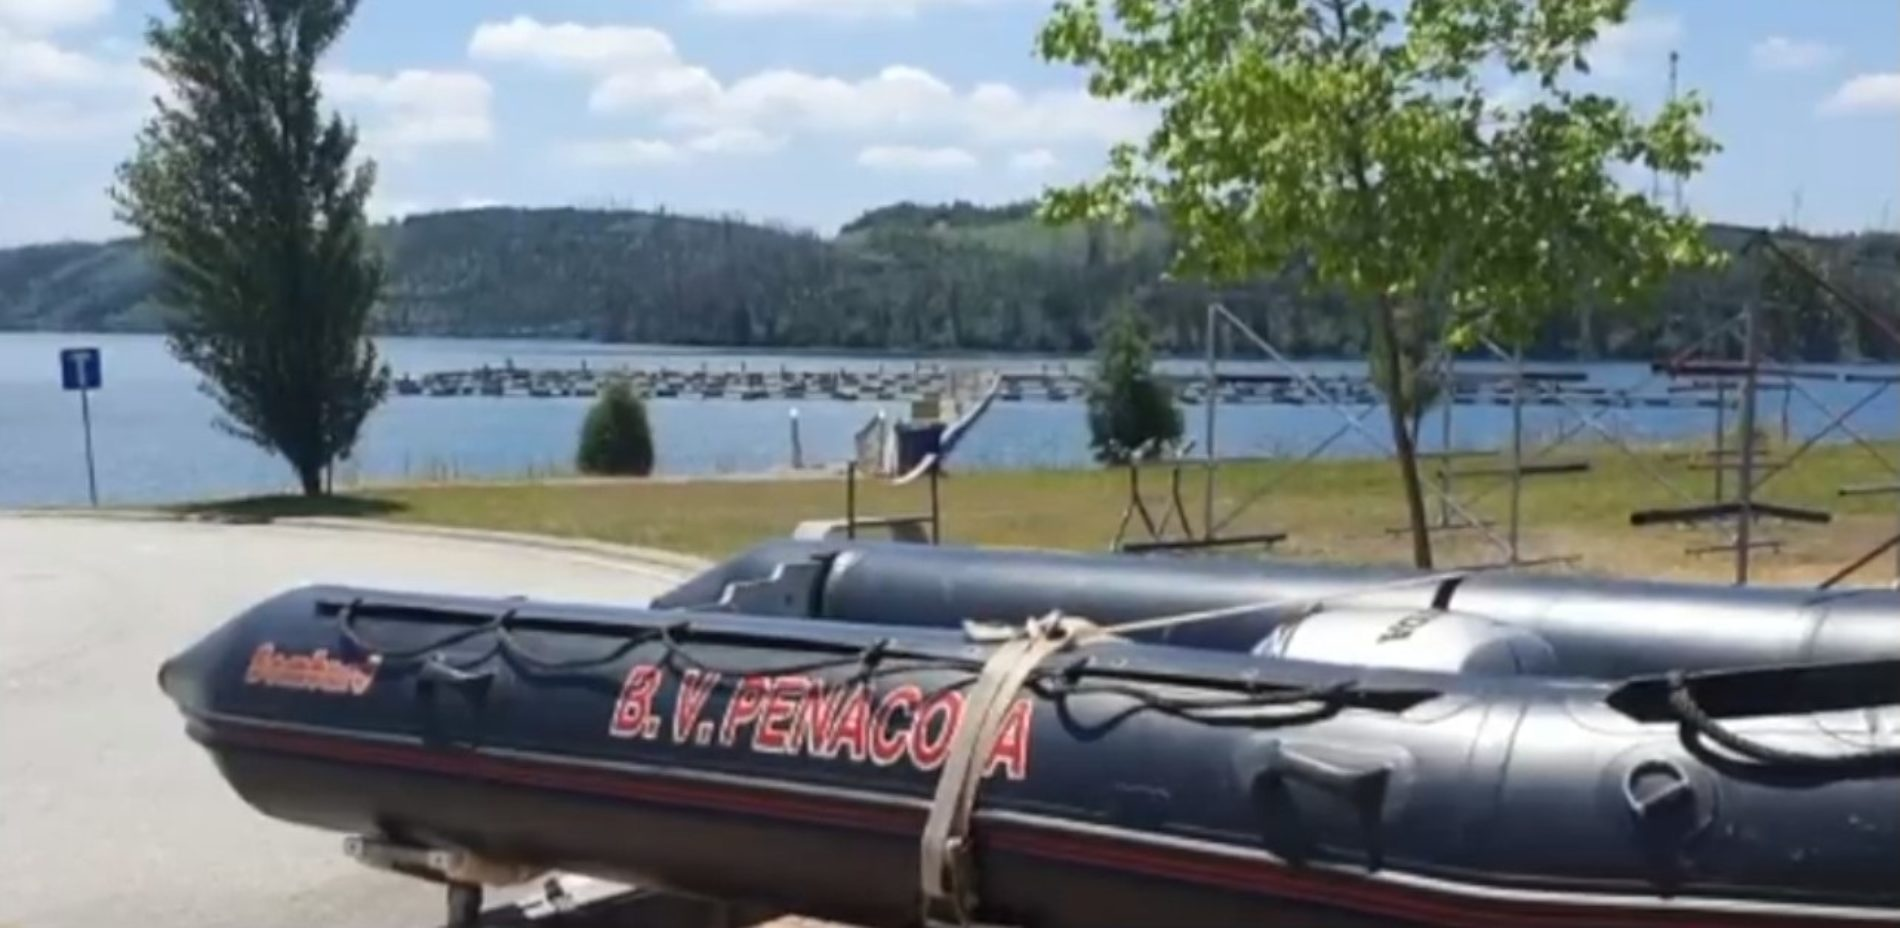 Bombeiros realizam buscas na Barragem da Aguieira e Fronhas para encontrar homem desaparecido